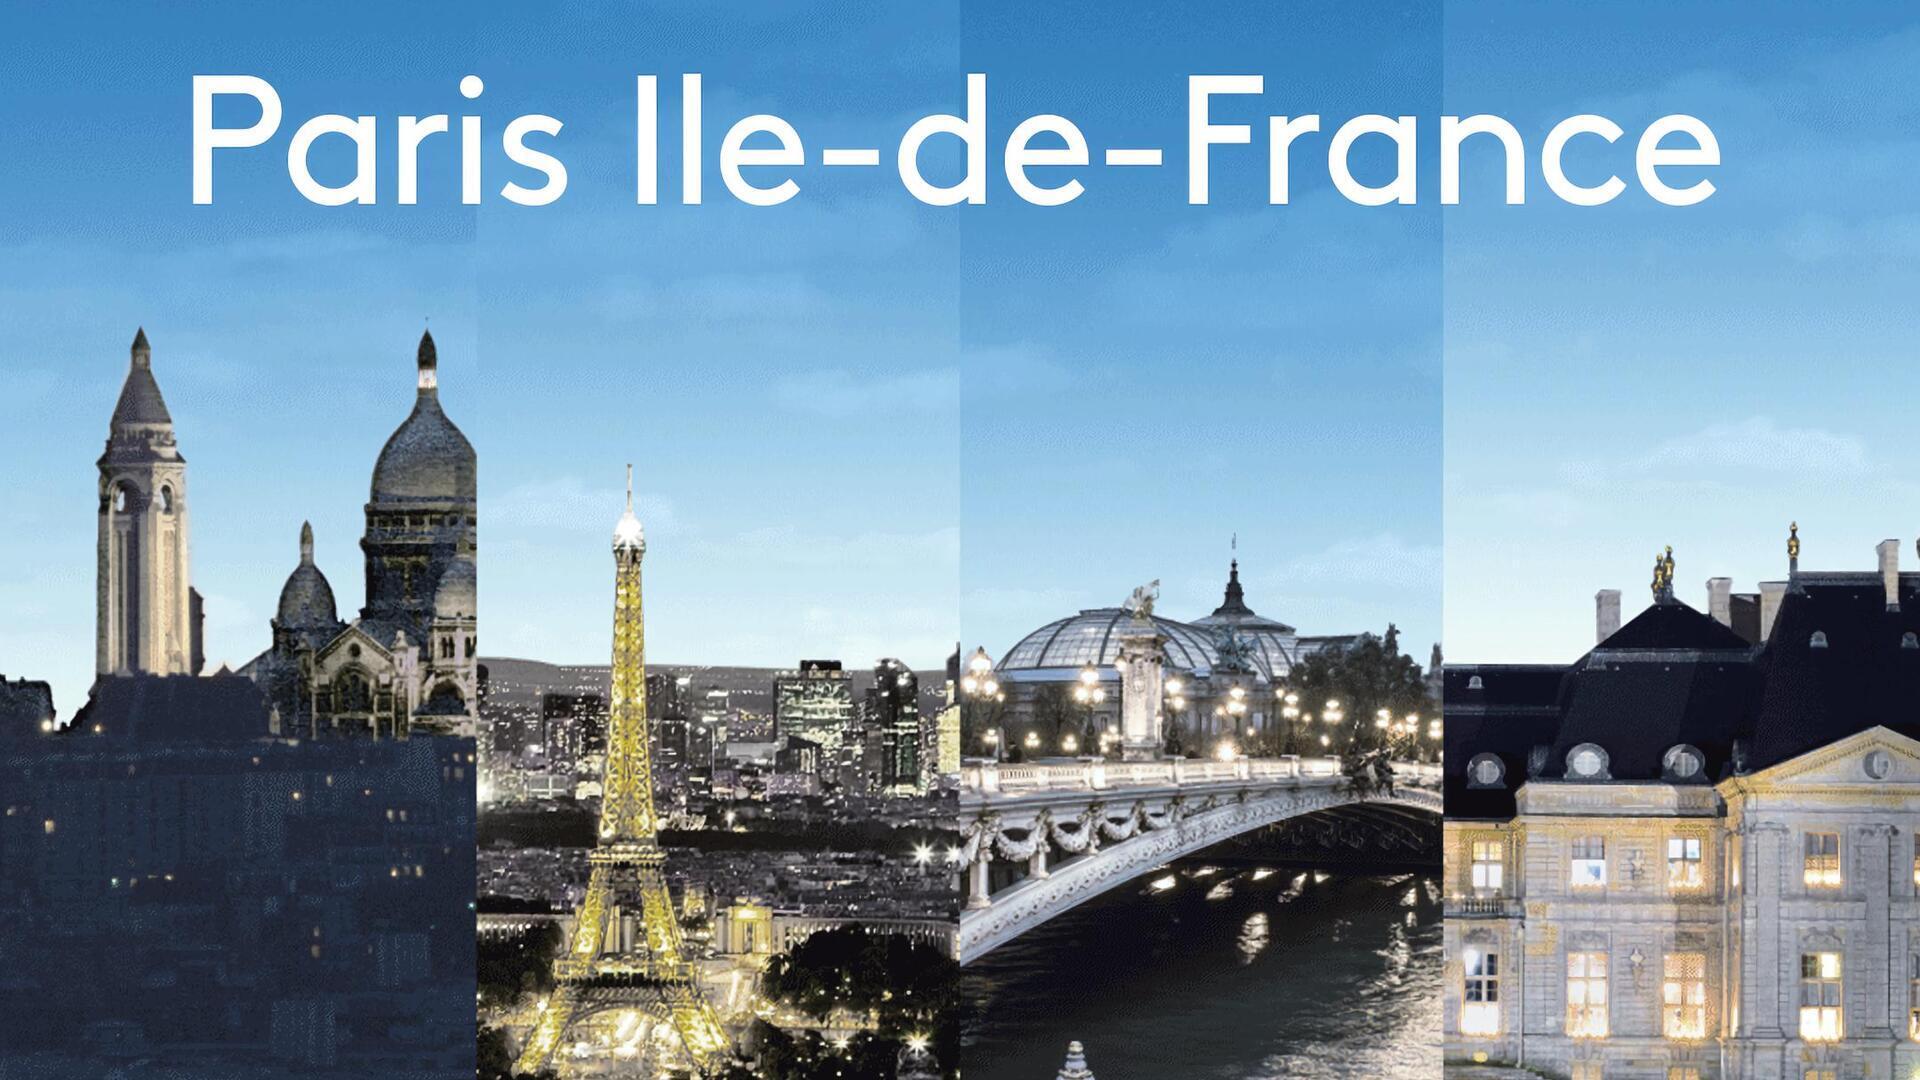 19/20 Paris Ile-de-France